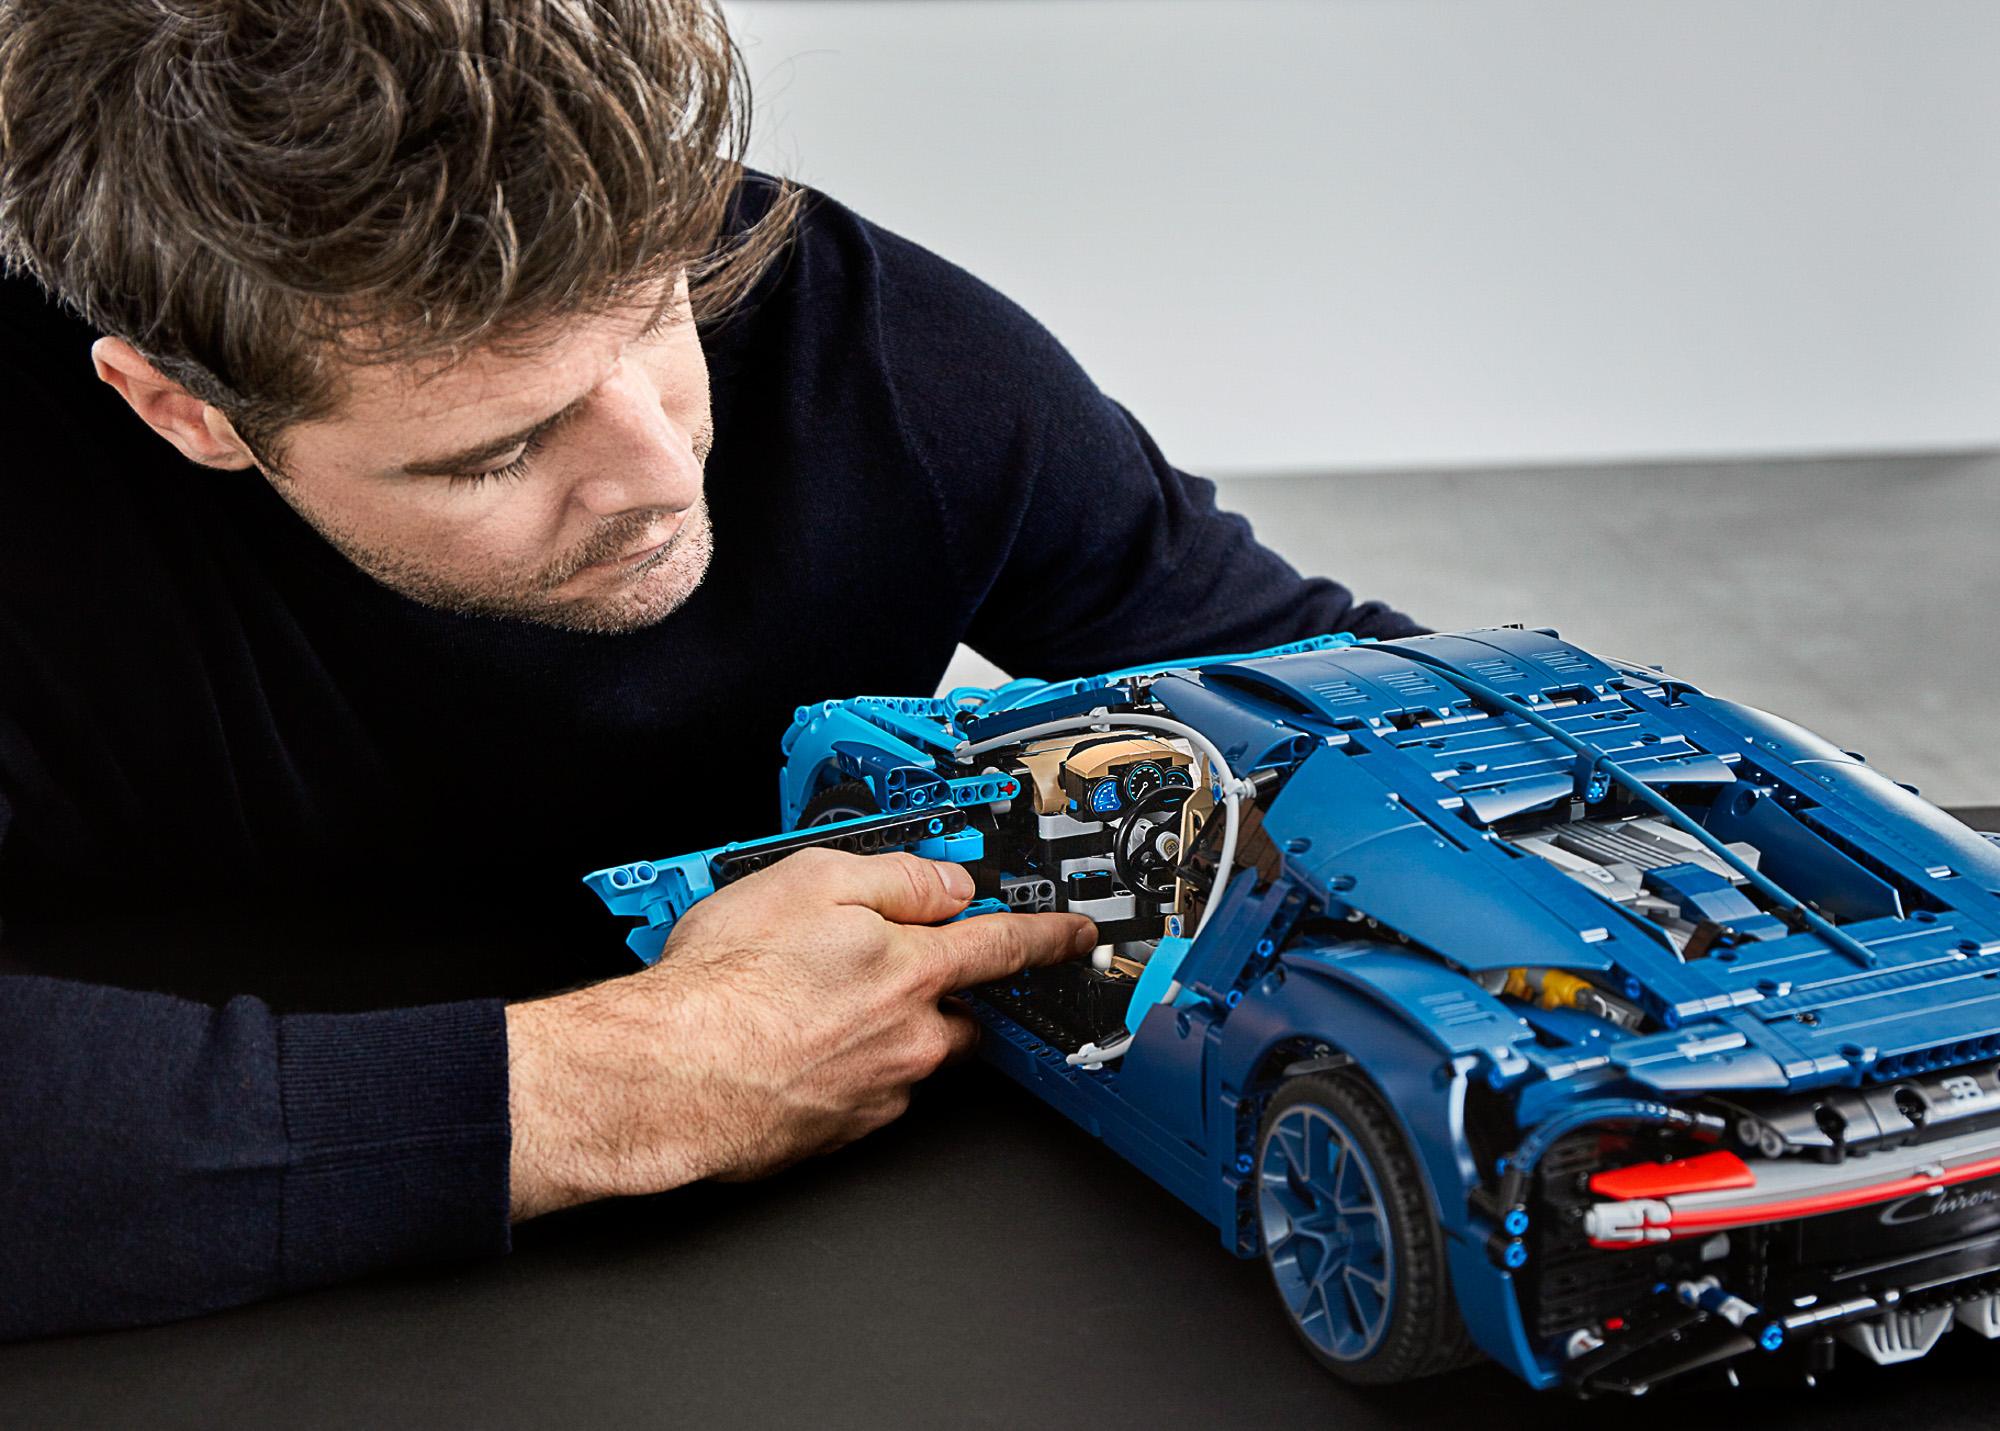 42083 lego technic bugatti chiron-34 | the brothers brick | the